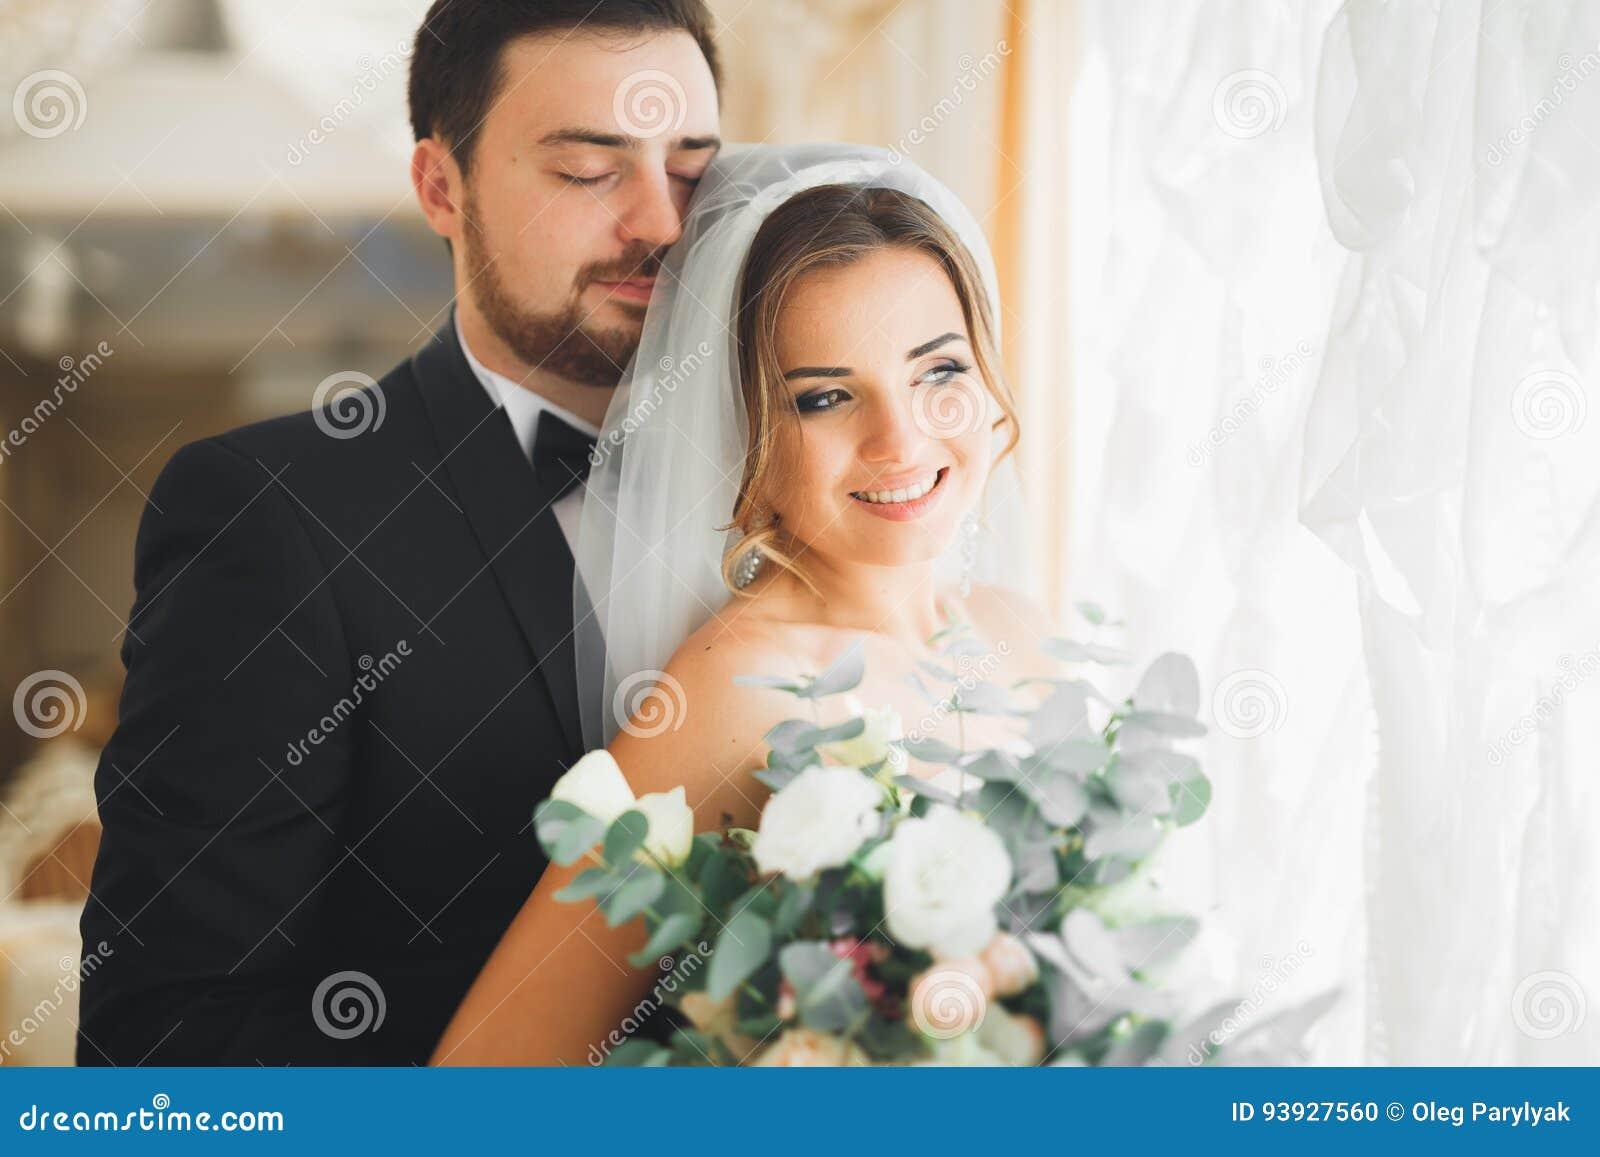 Bröllopfotoforsen av nygifta personerna kopplar ihop att posera i ett härligt hotell